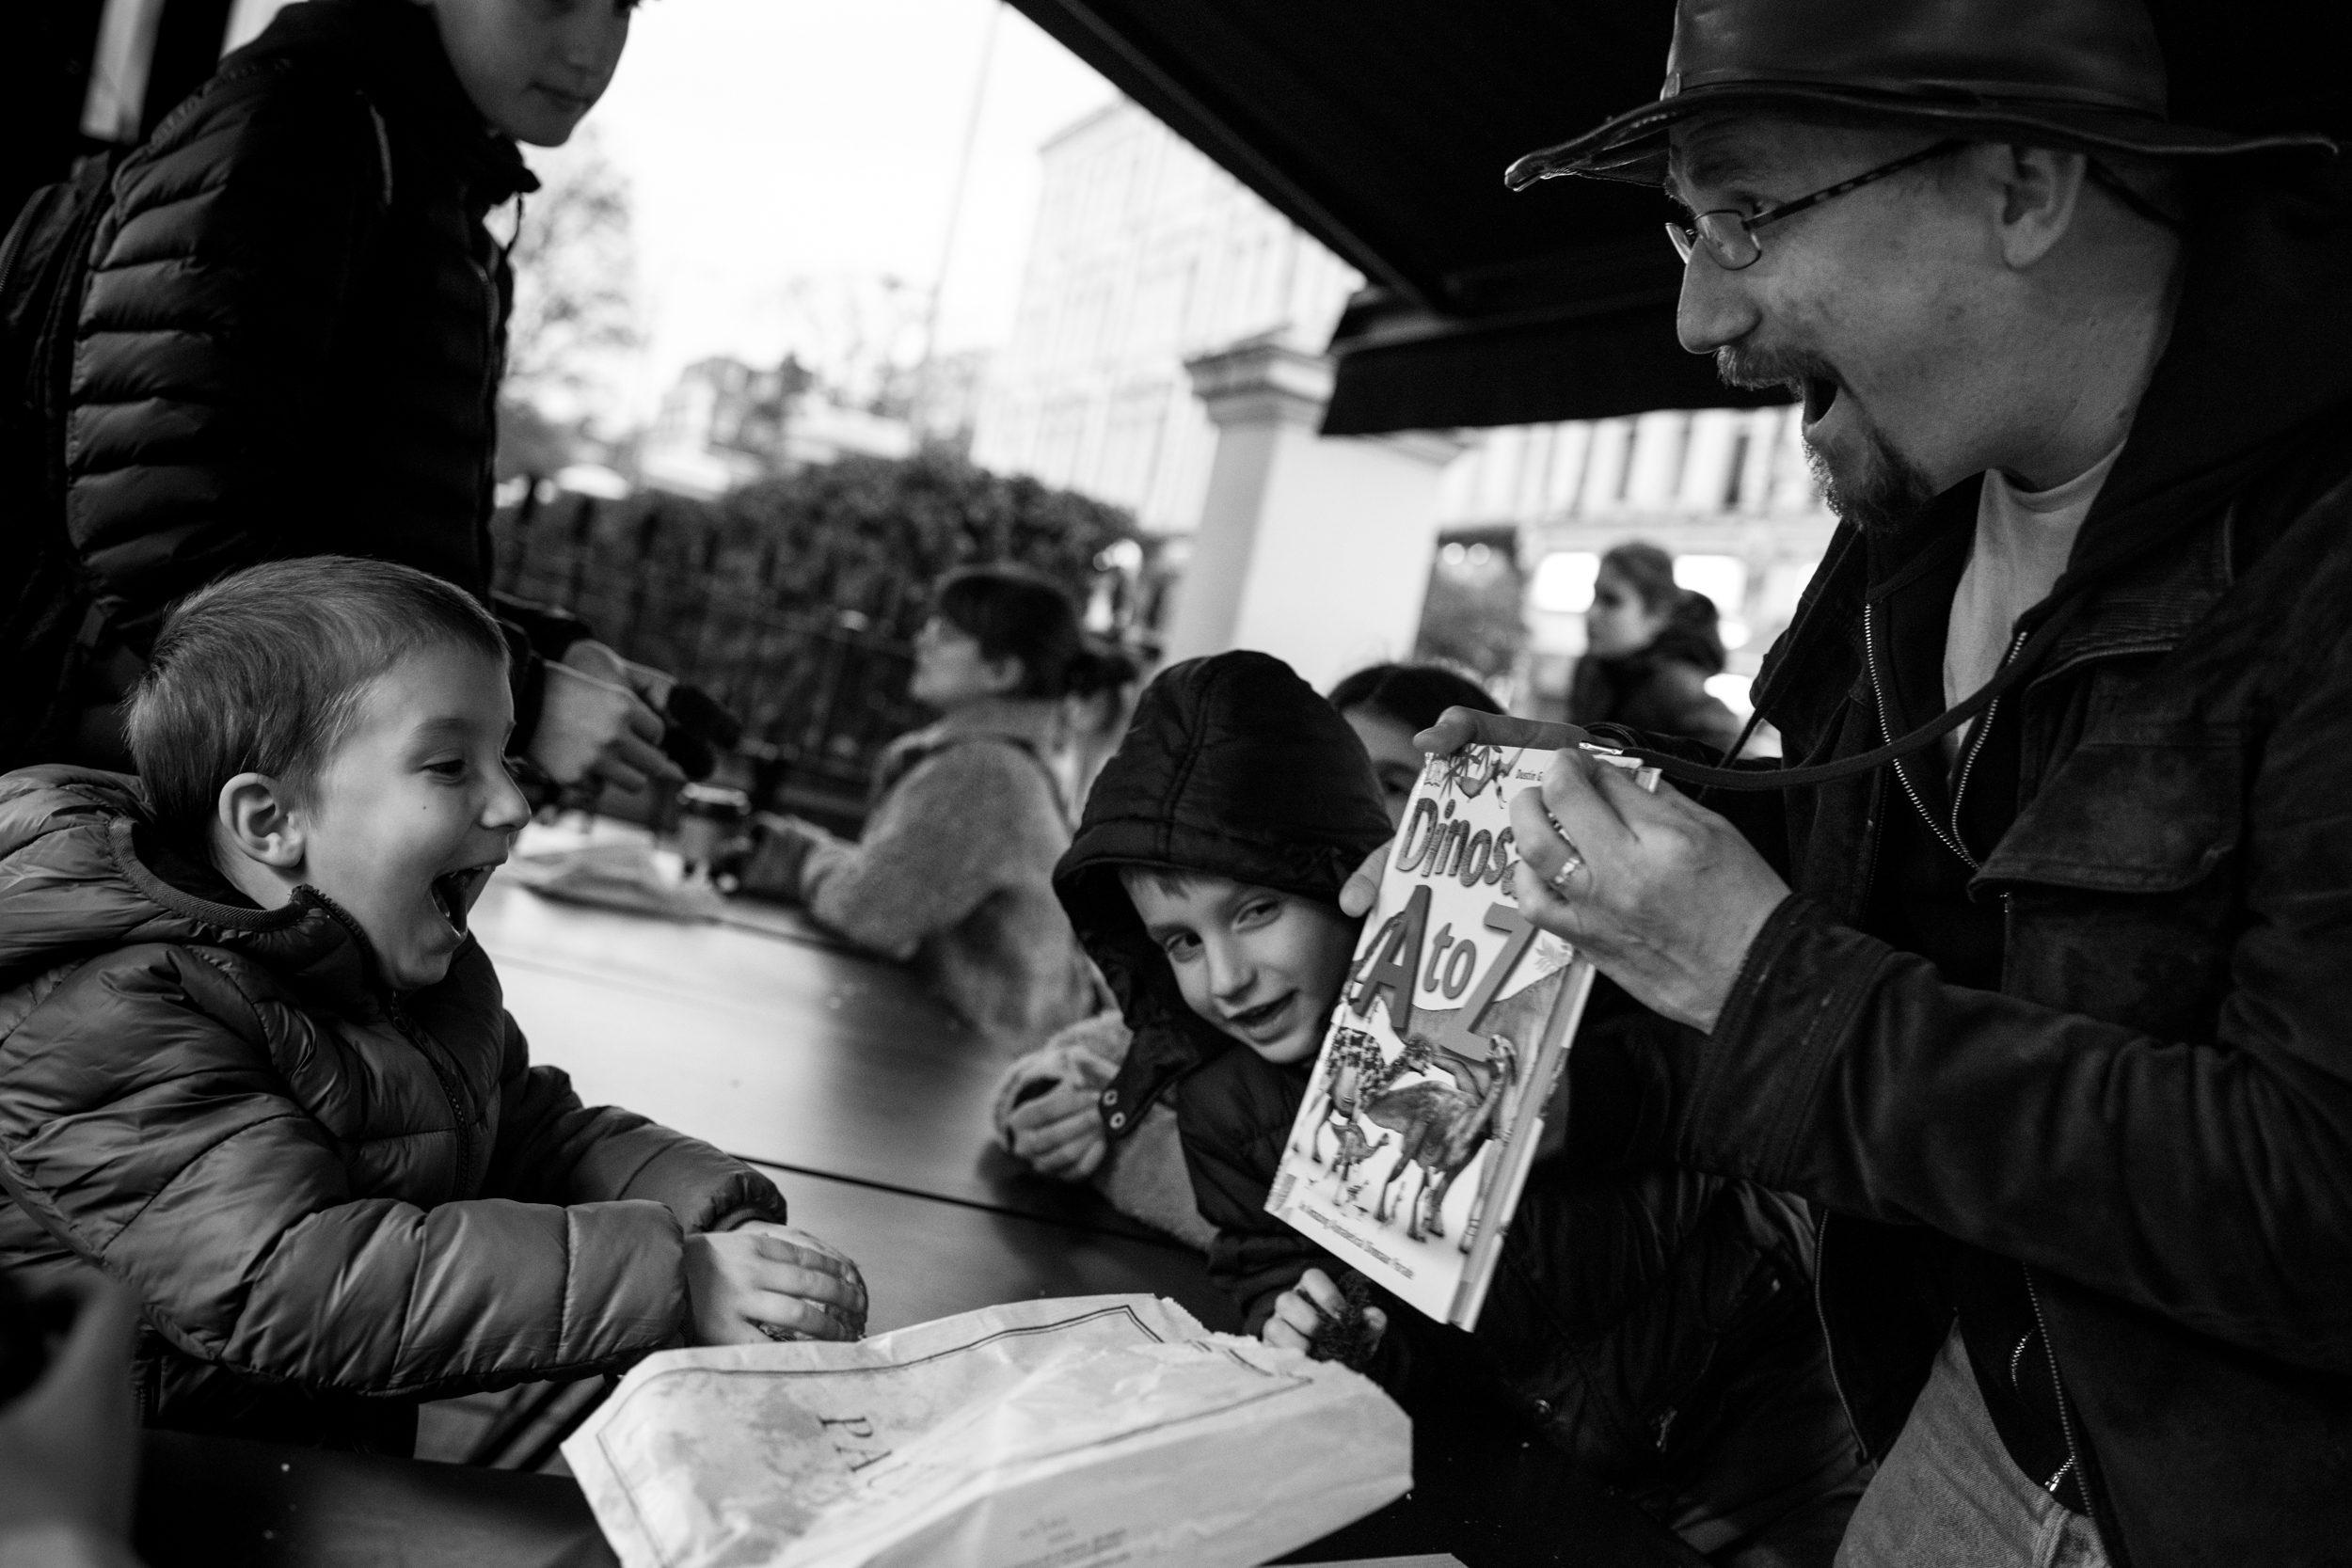 regala un servizio fotografico - Un servizio fotografico è un bellissimo regalo di compleanno, battesimo, babyshower, o un modo per dire a qualcuno quanto lo amiamo: uno di quei regali che acquistano valore col tempo. Regalare ricordi non ha prezzo. Contattami e parliamone!